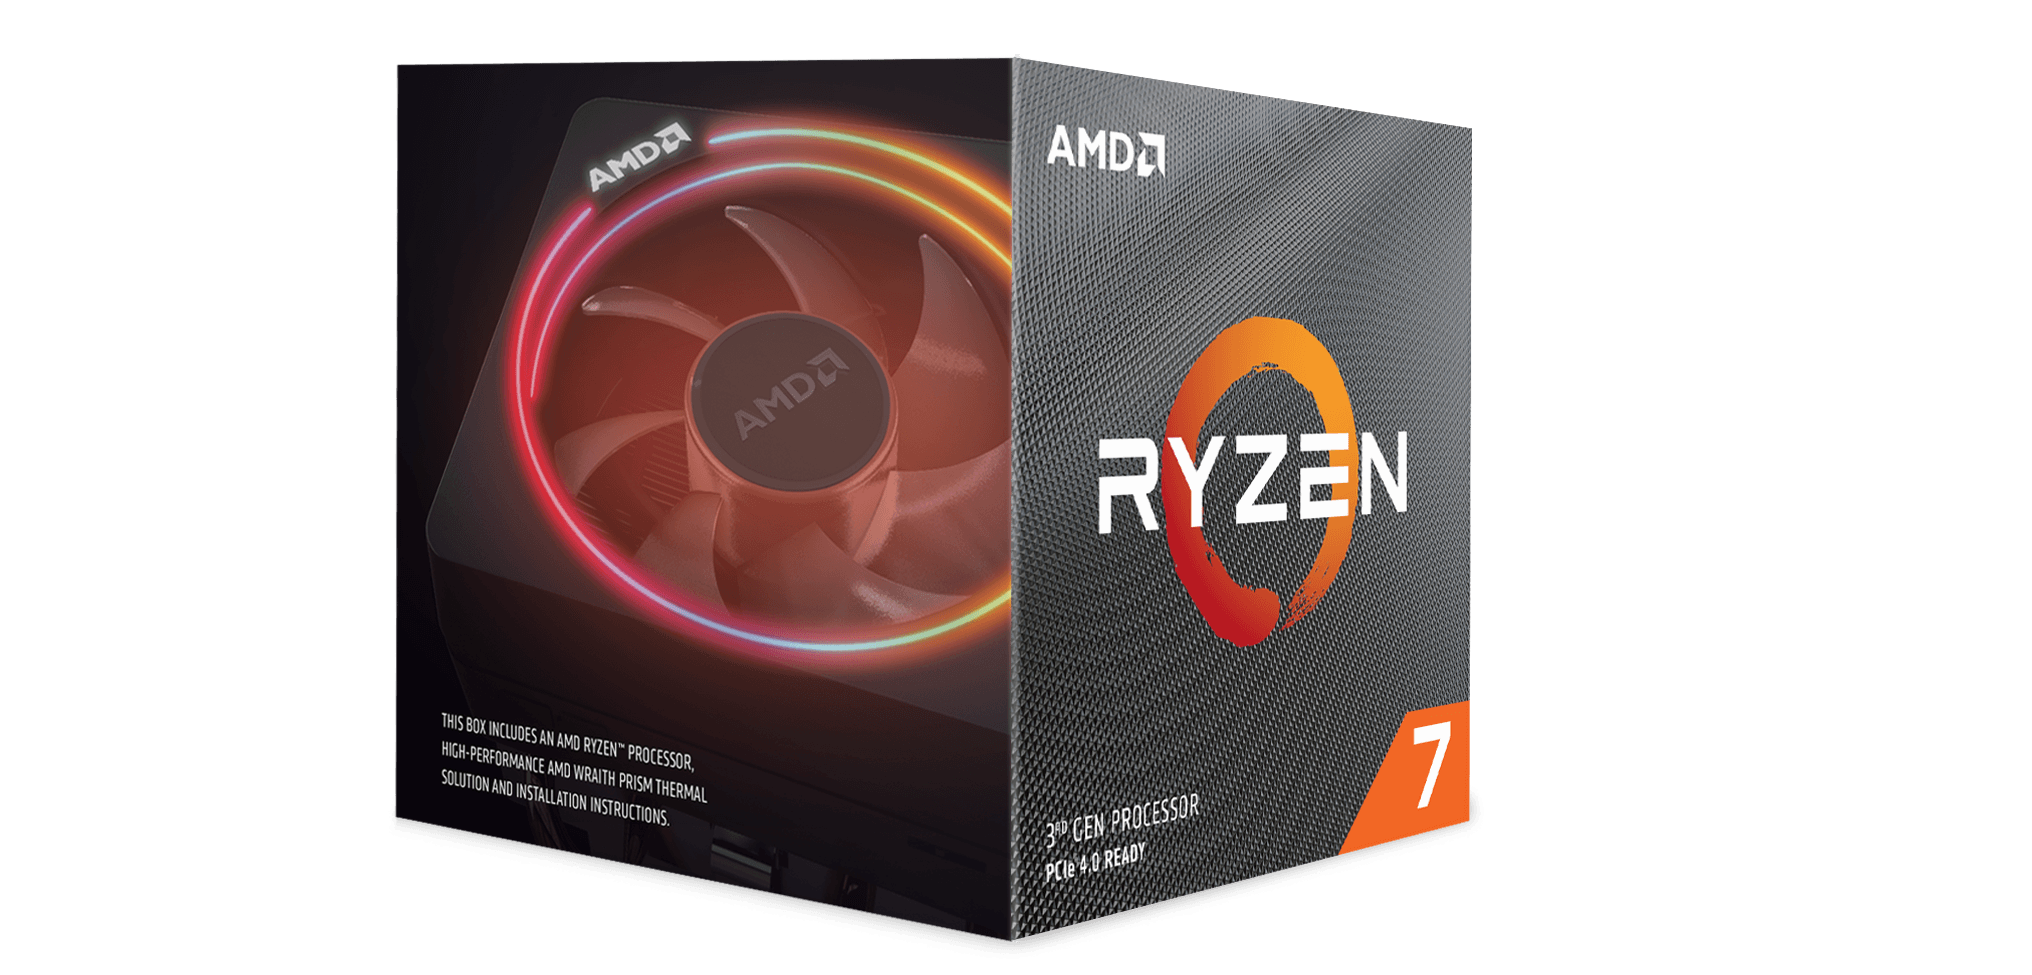 Procesory Ryzen 3000, karty graficzne Radeon RX 5700 i inne tegoroczne nowości AMD trafiły do sprzedaży 25